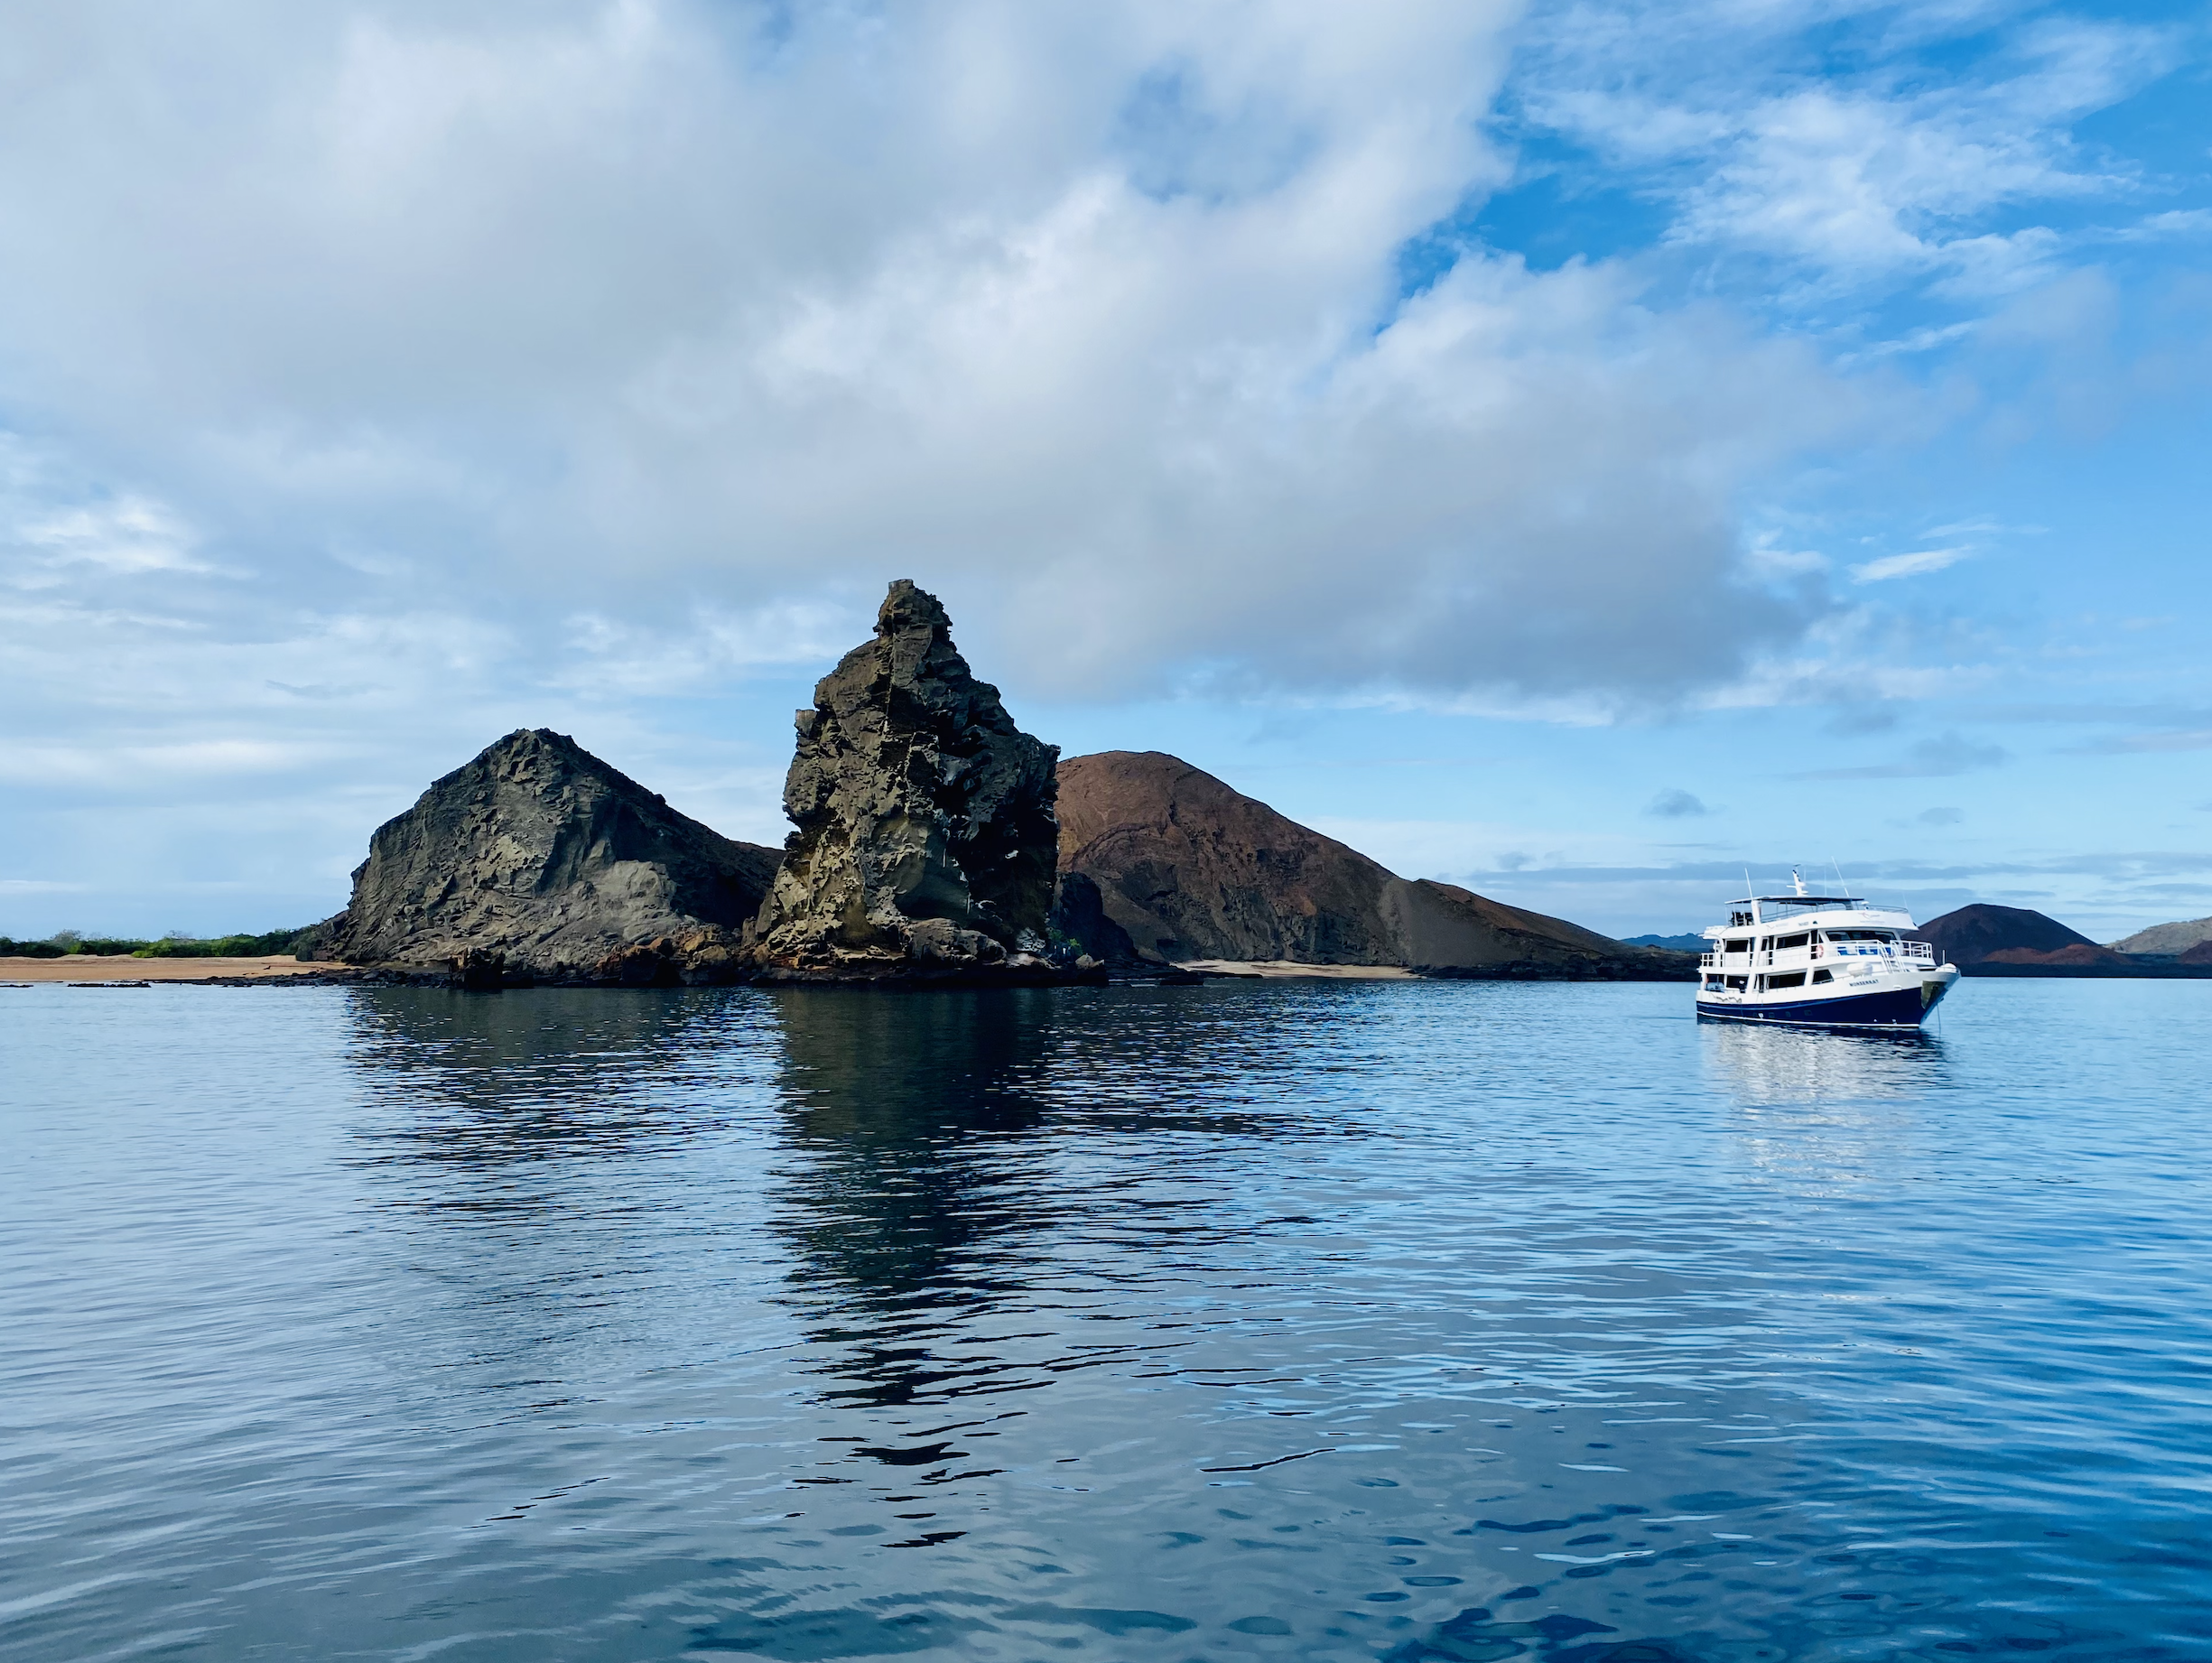 Galapagos Island and boat